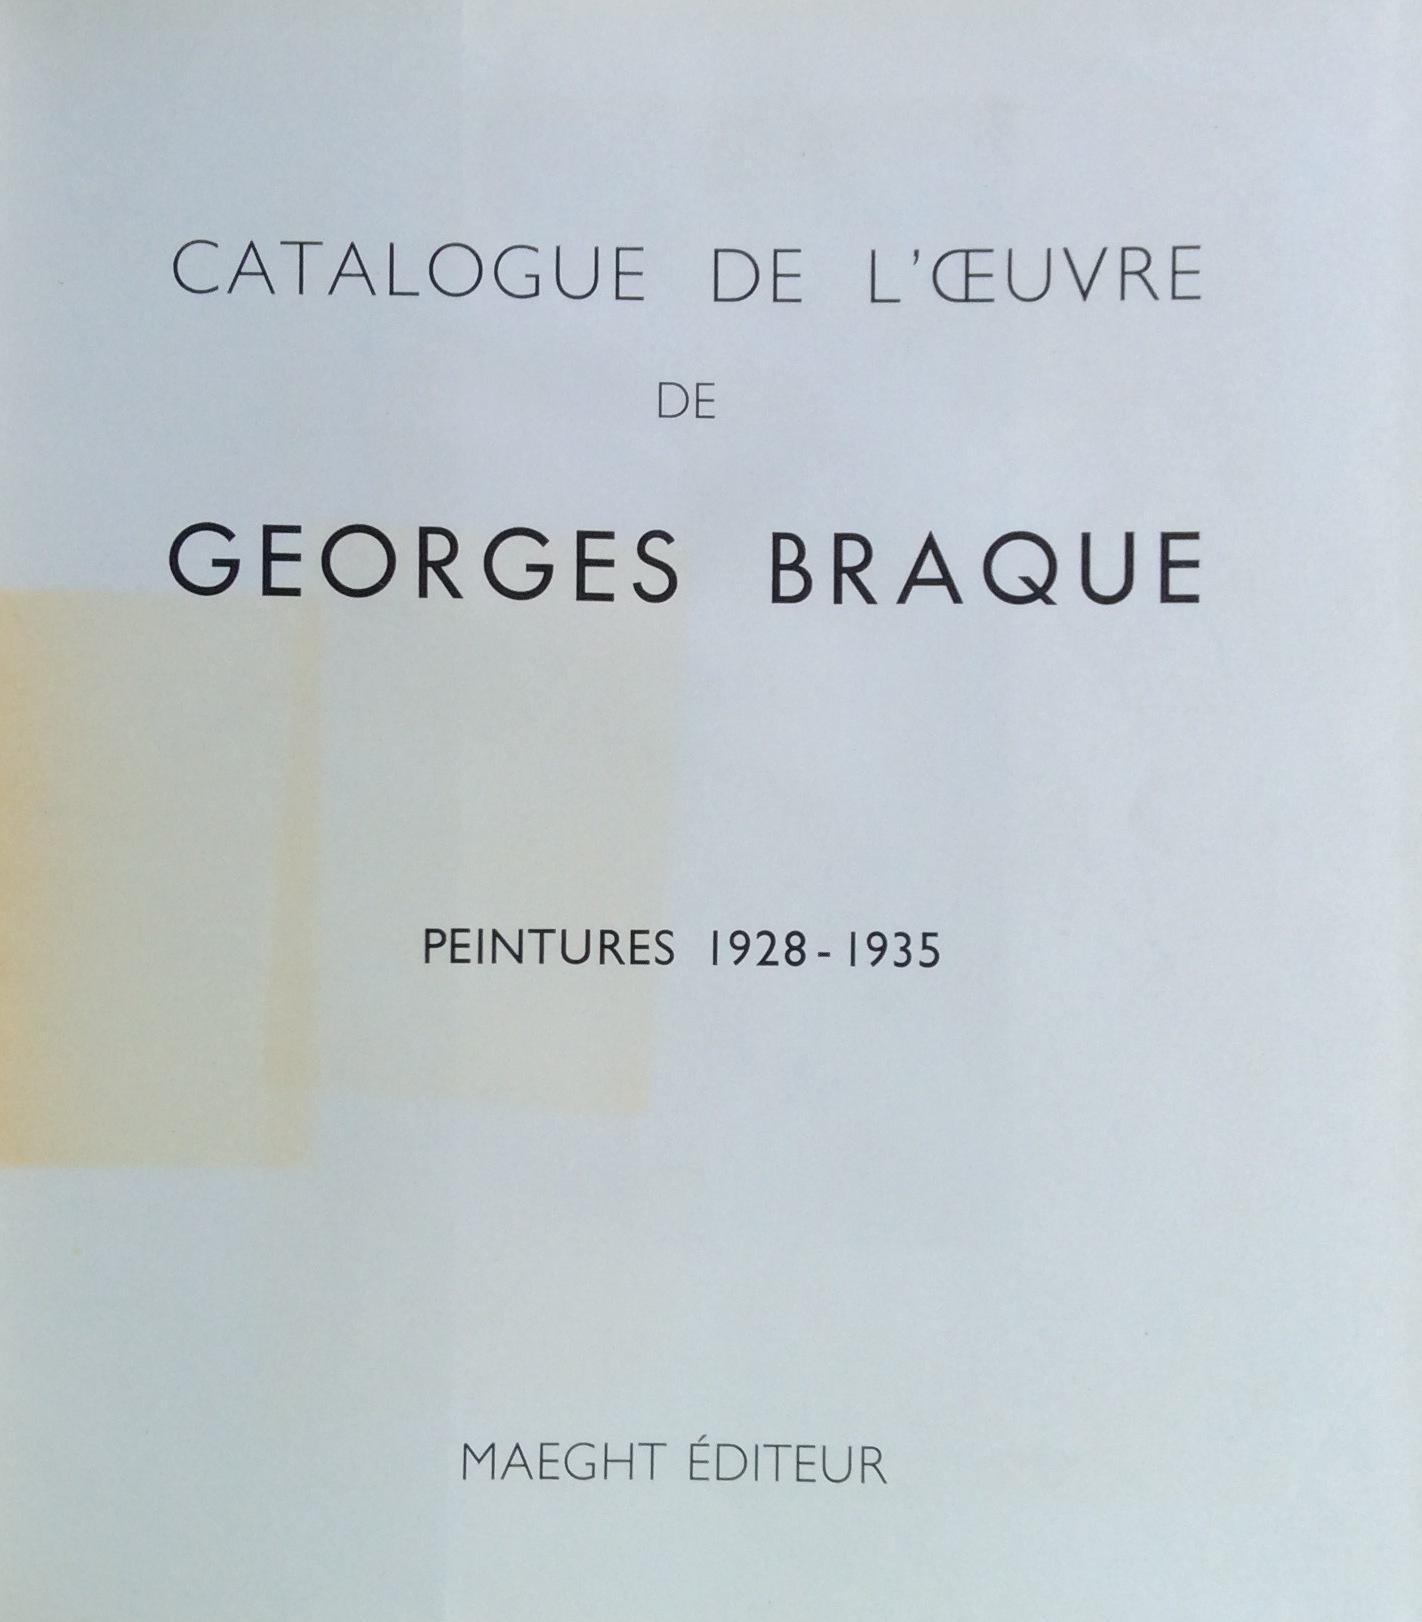 9F BRAQUE GEORGES Peintures 1928-1935